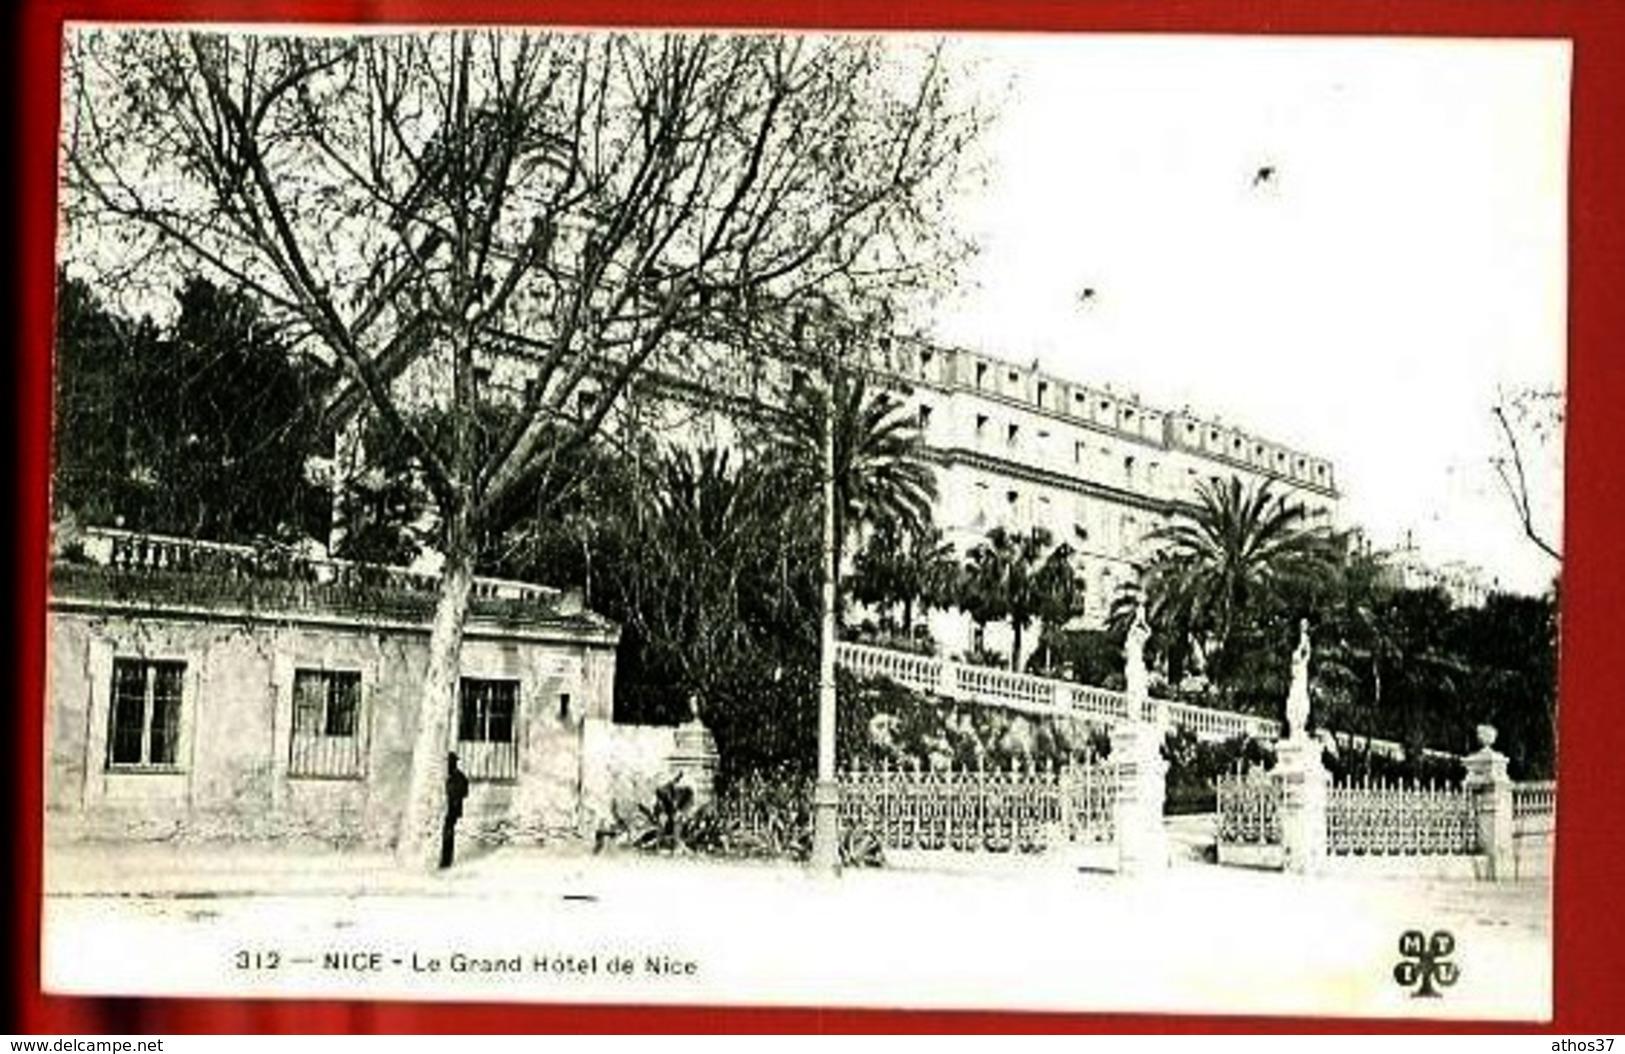 NICE - 312 : Le Grand Hôtel De Nice - (Beau Plan Animé) - CP Précurseur, Vers 1900. - Pubs, Hotels And Restaurants